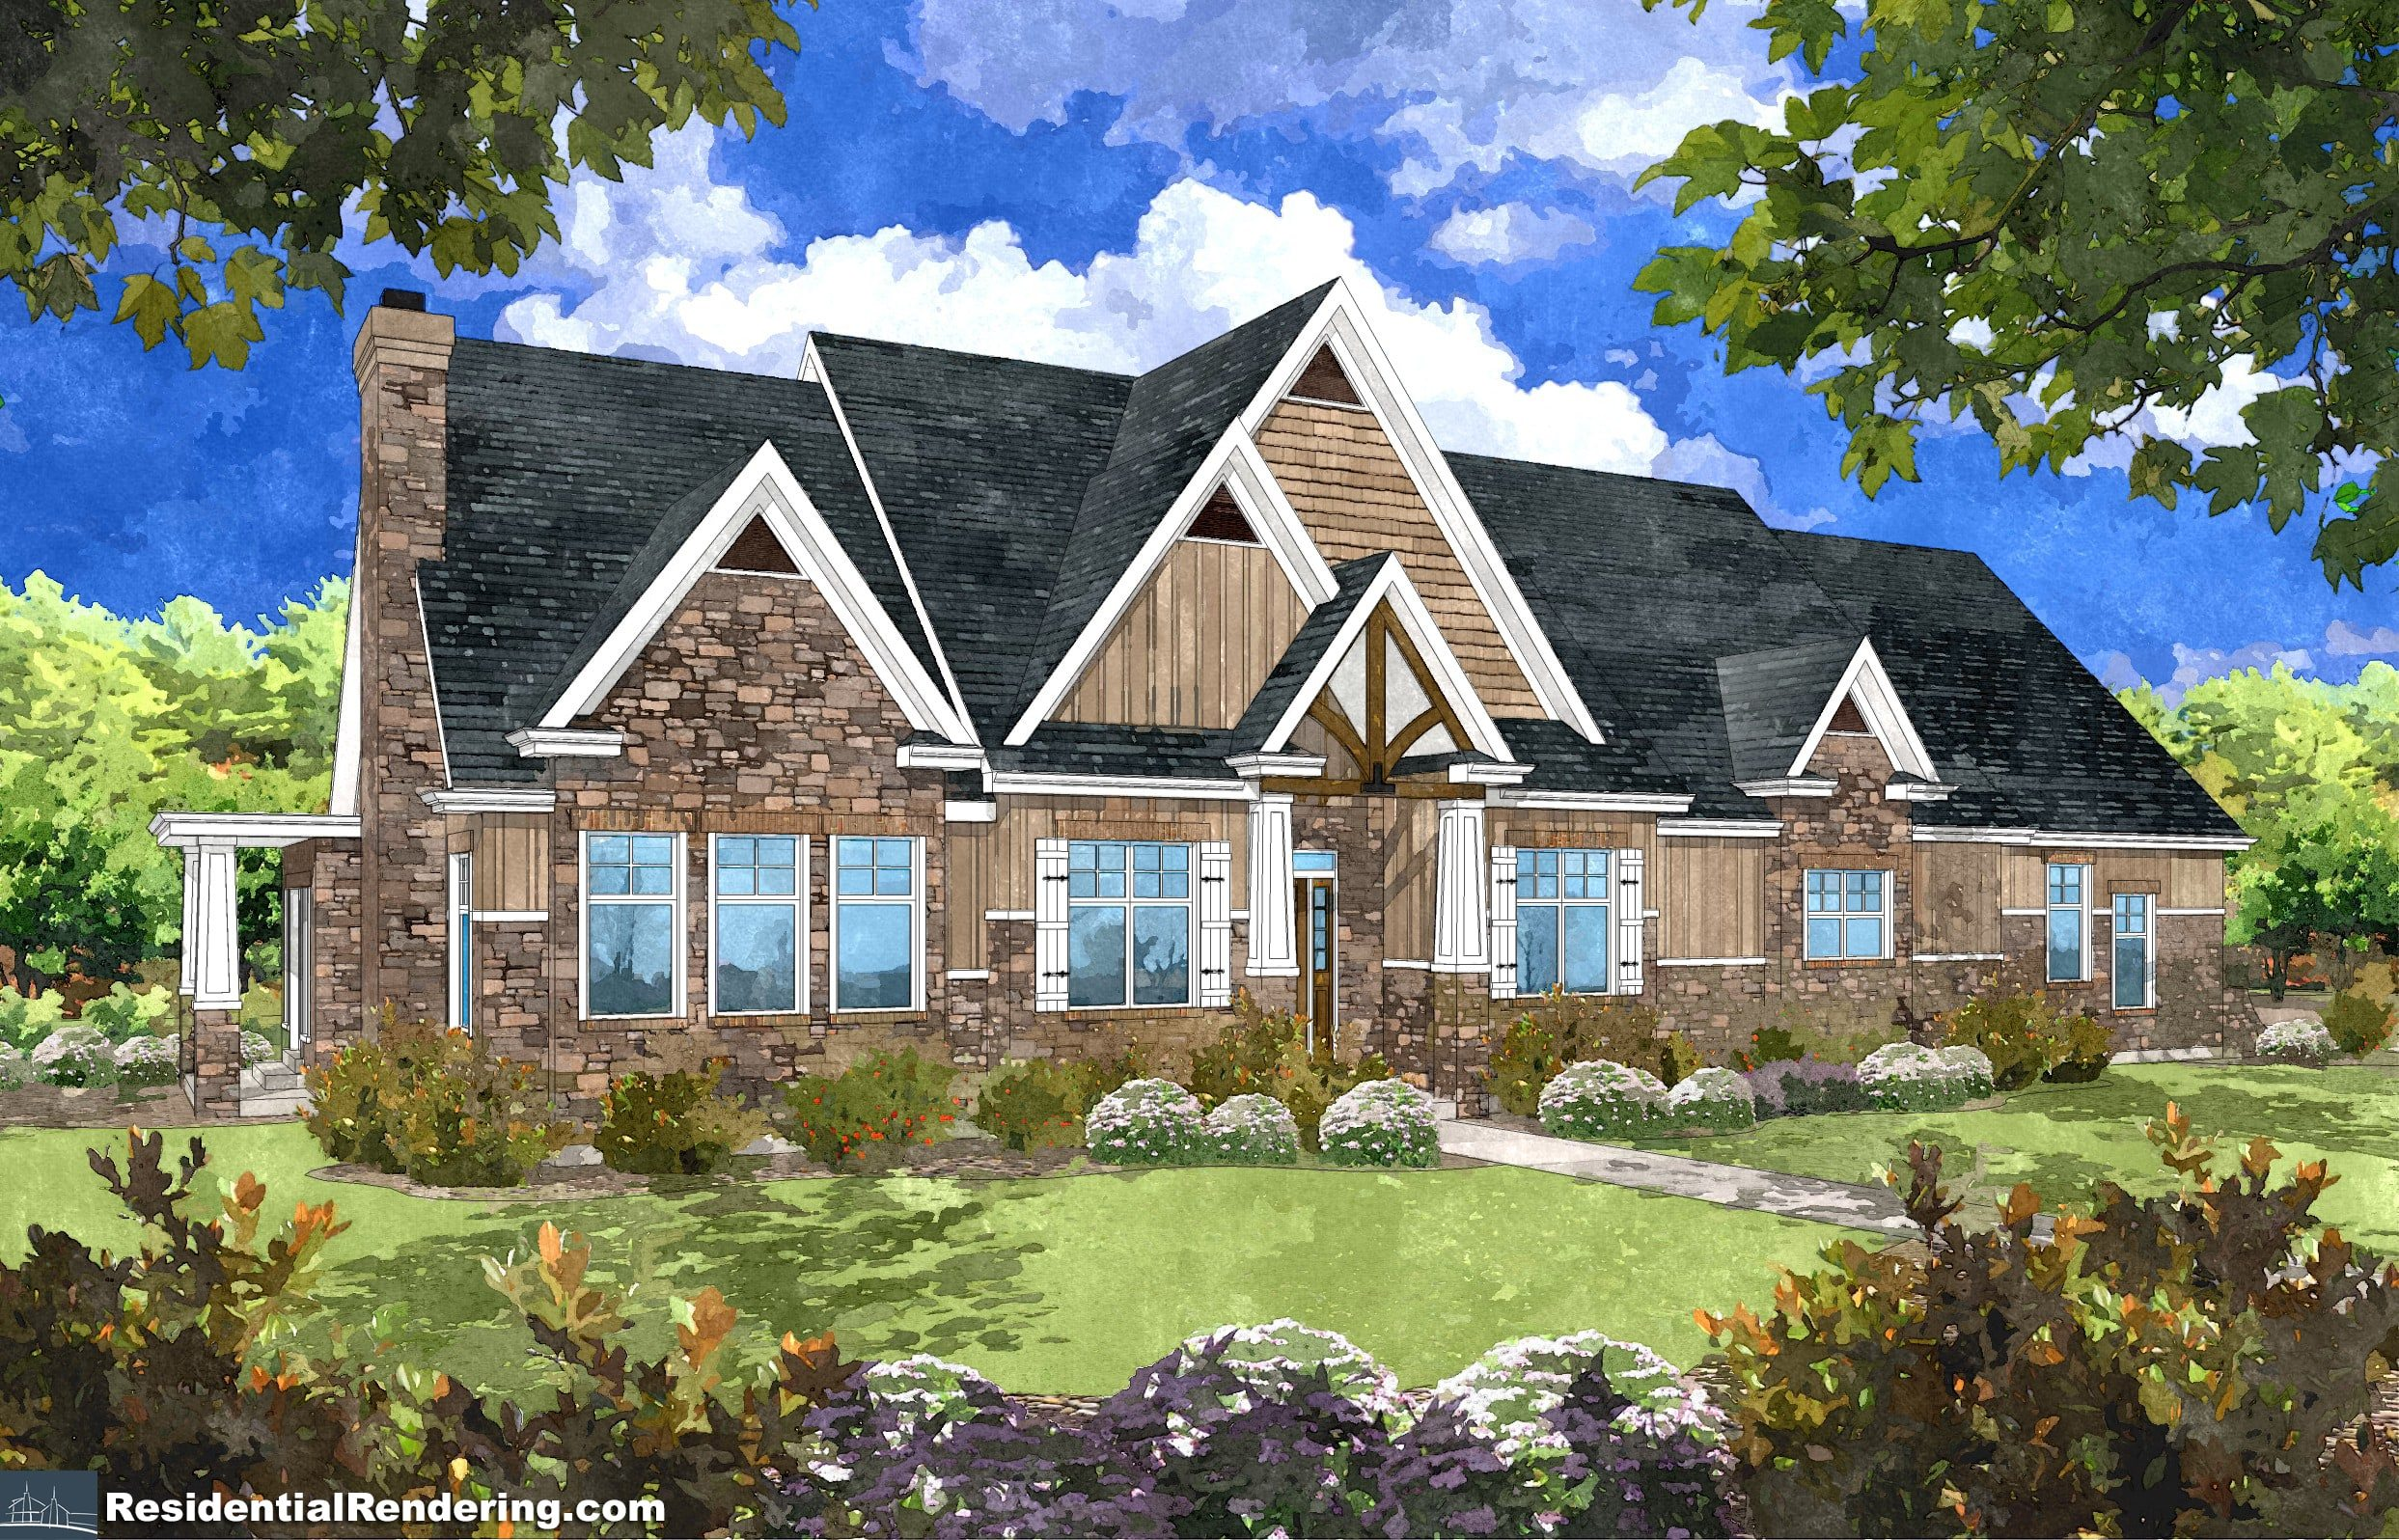 Katie home plan rendering 2 lightyear homes utah for Utah house plans with bonus room